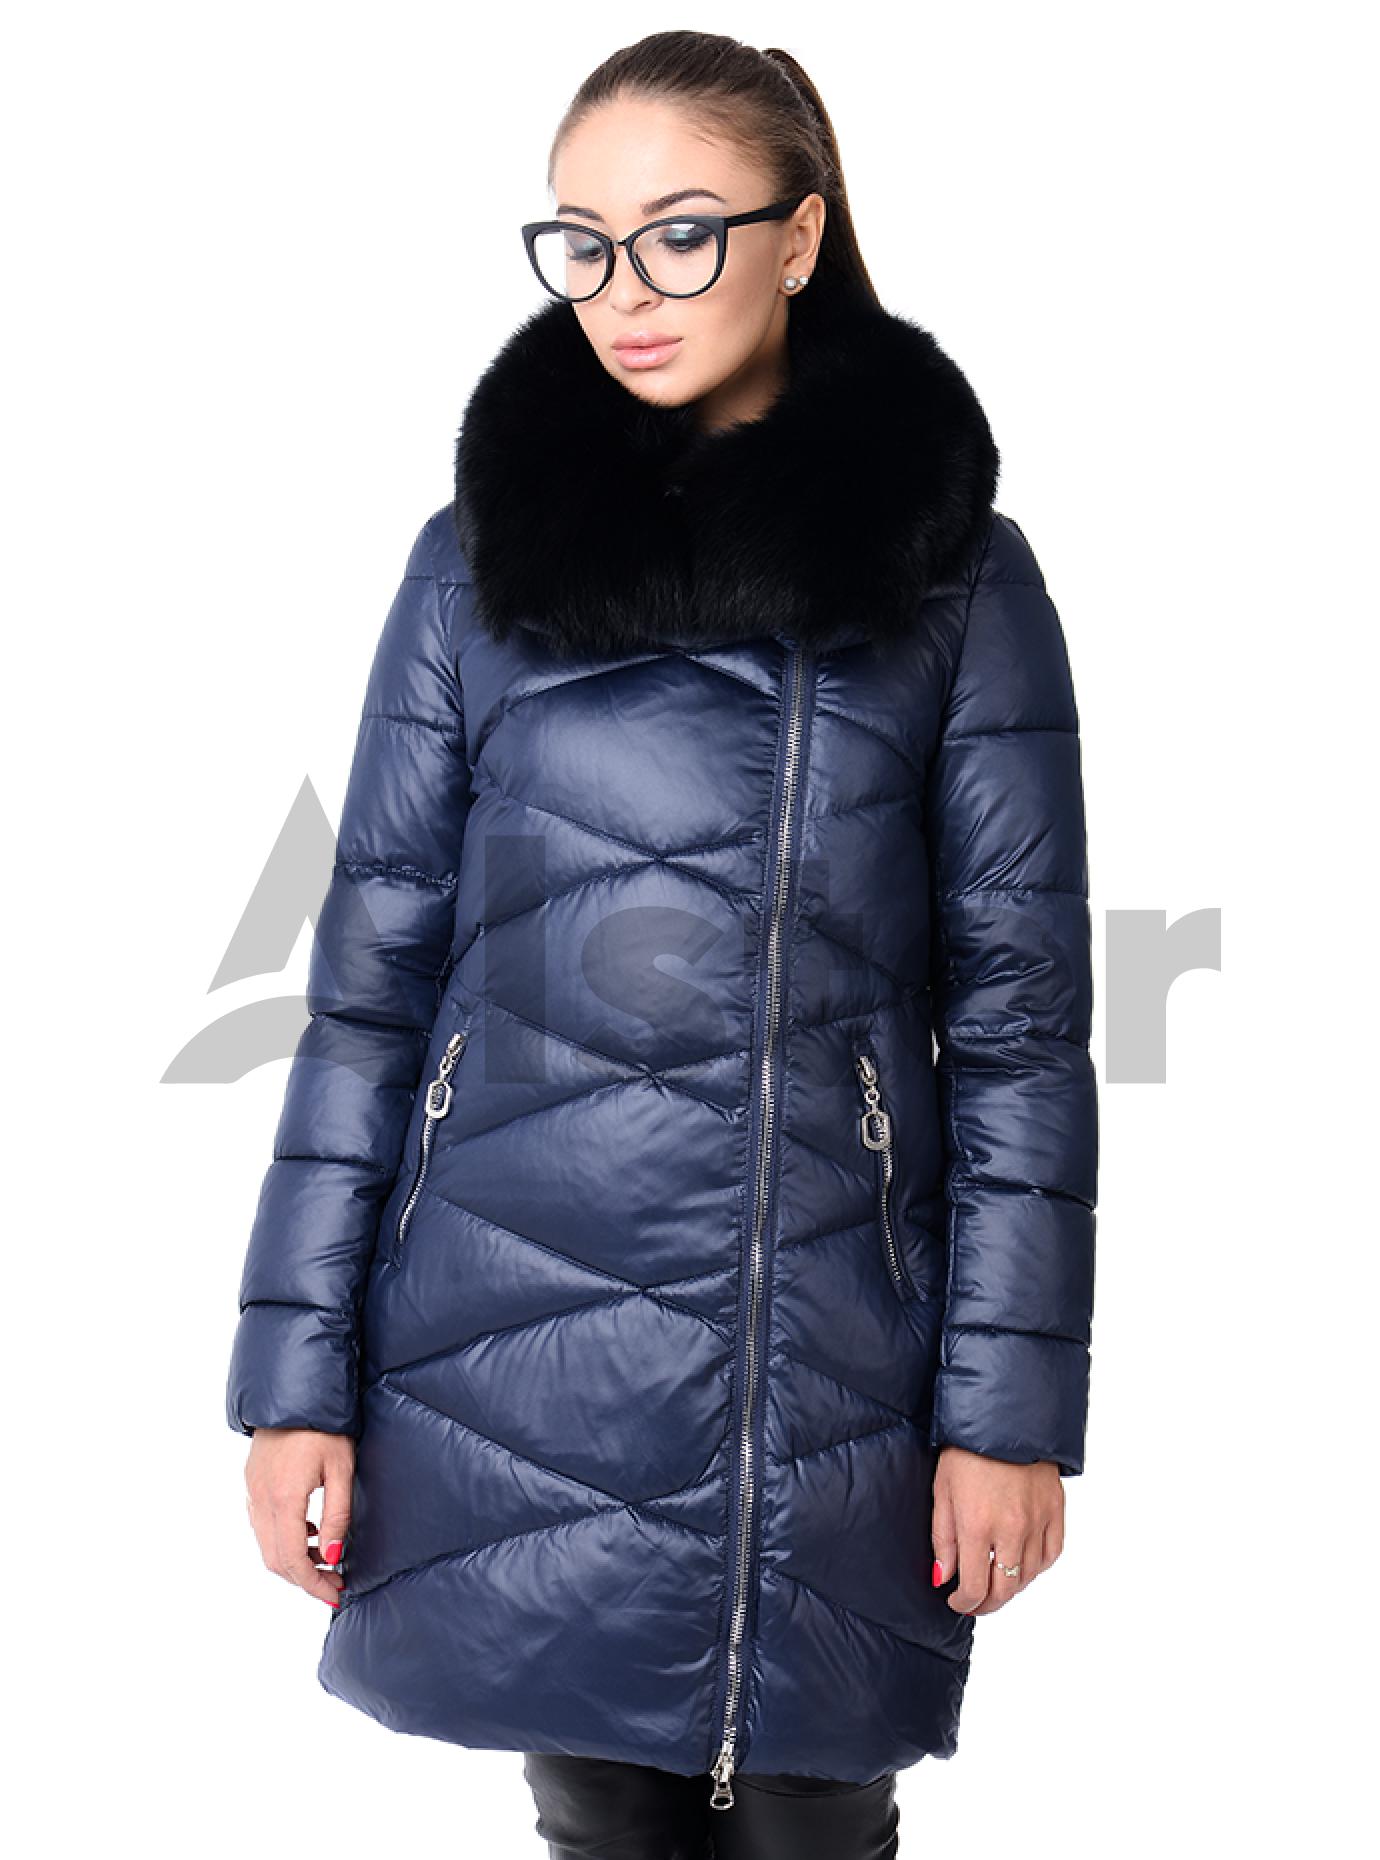 Зимняя куртка женская с мехом песца Тёмно-синий S (05-CH19059): фото - Alster.ua